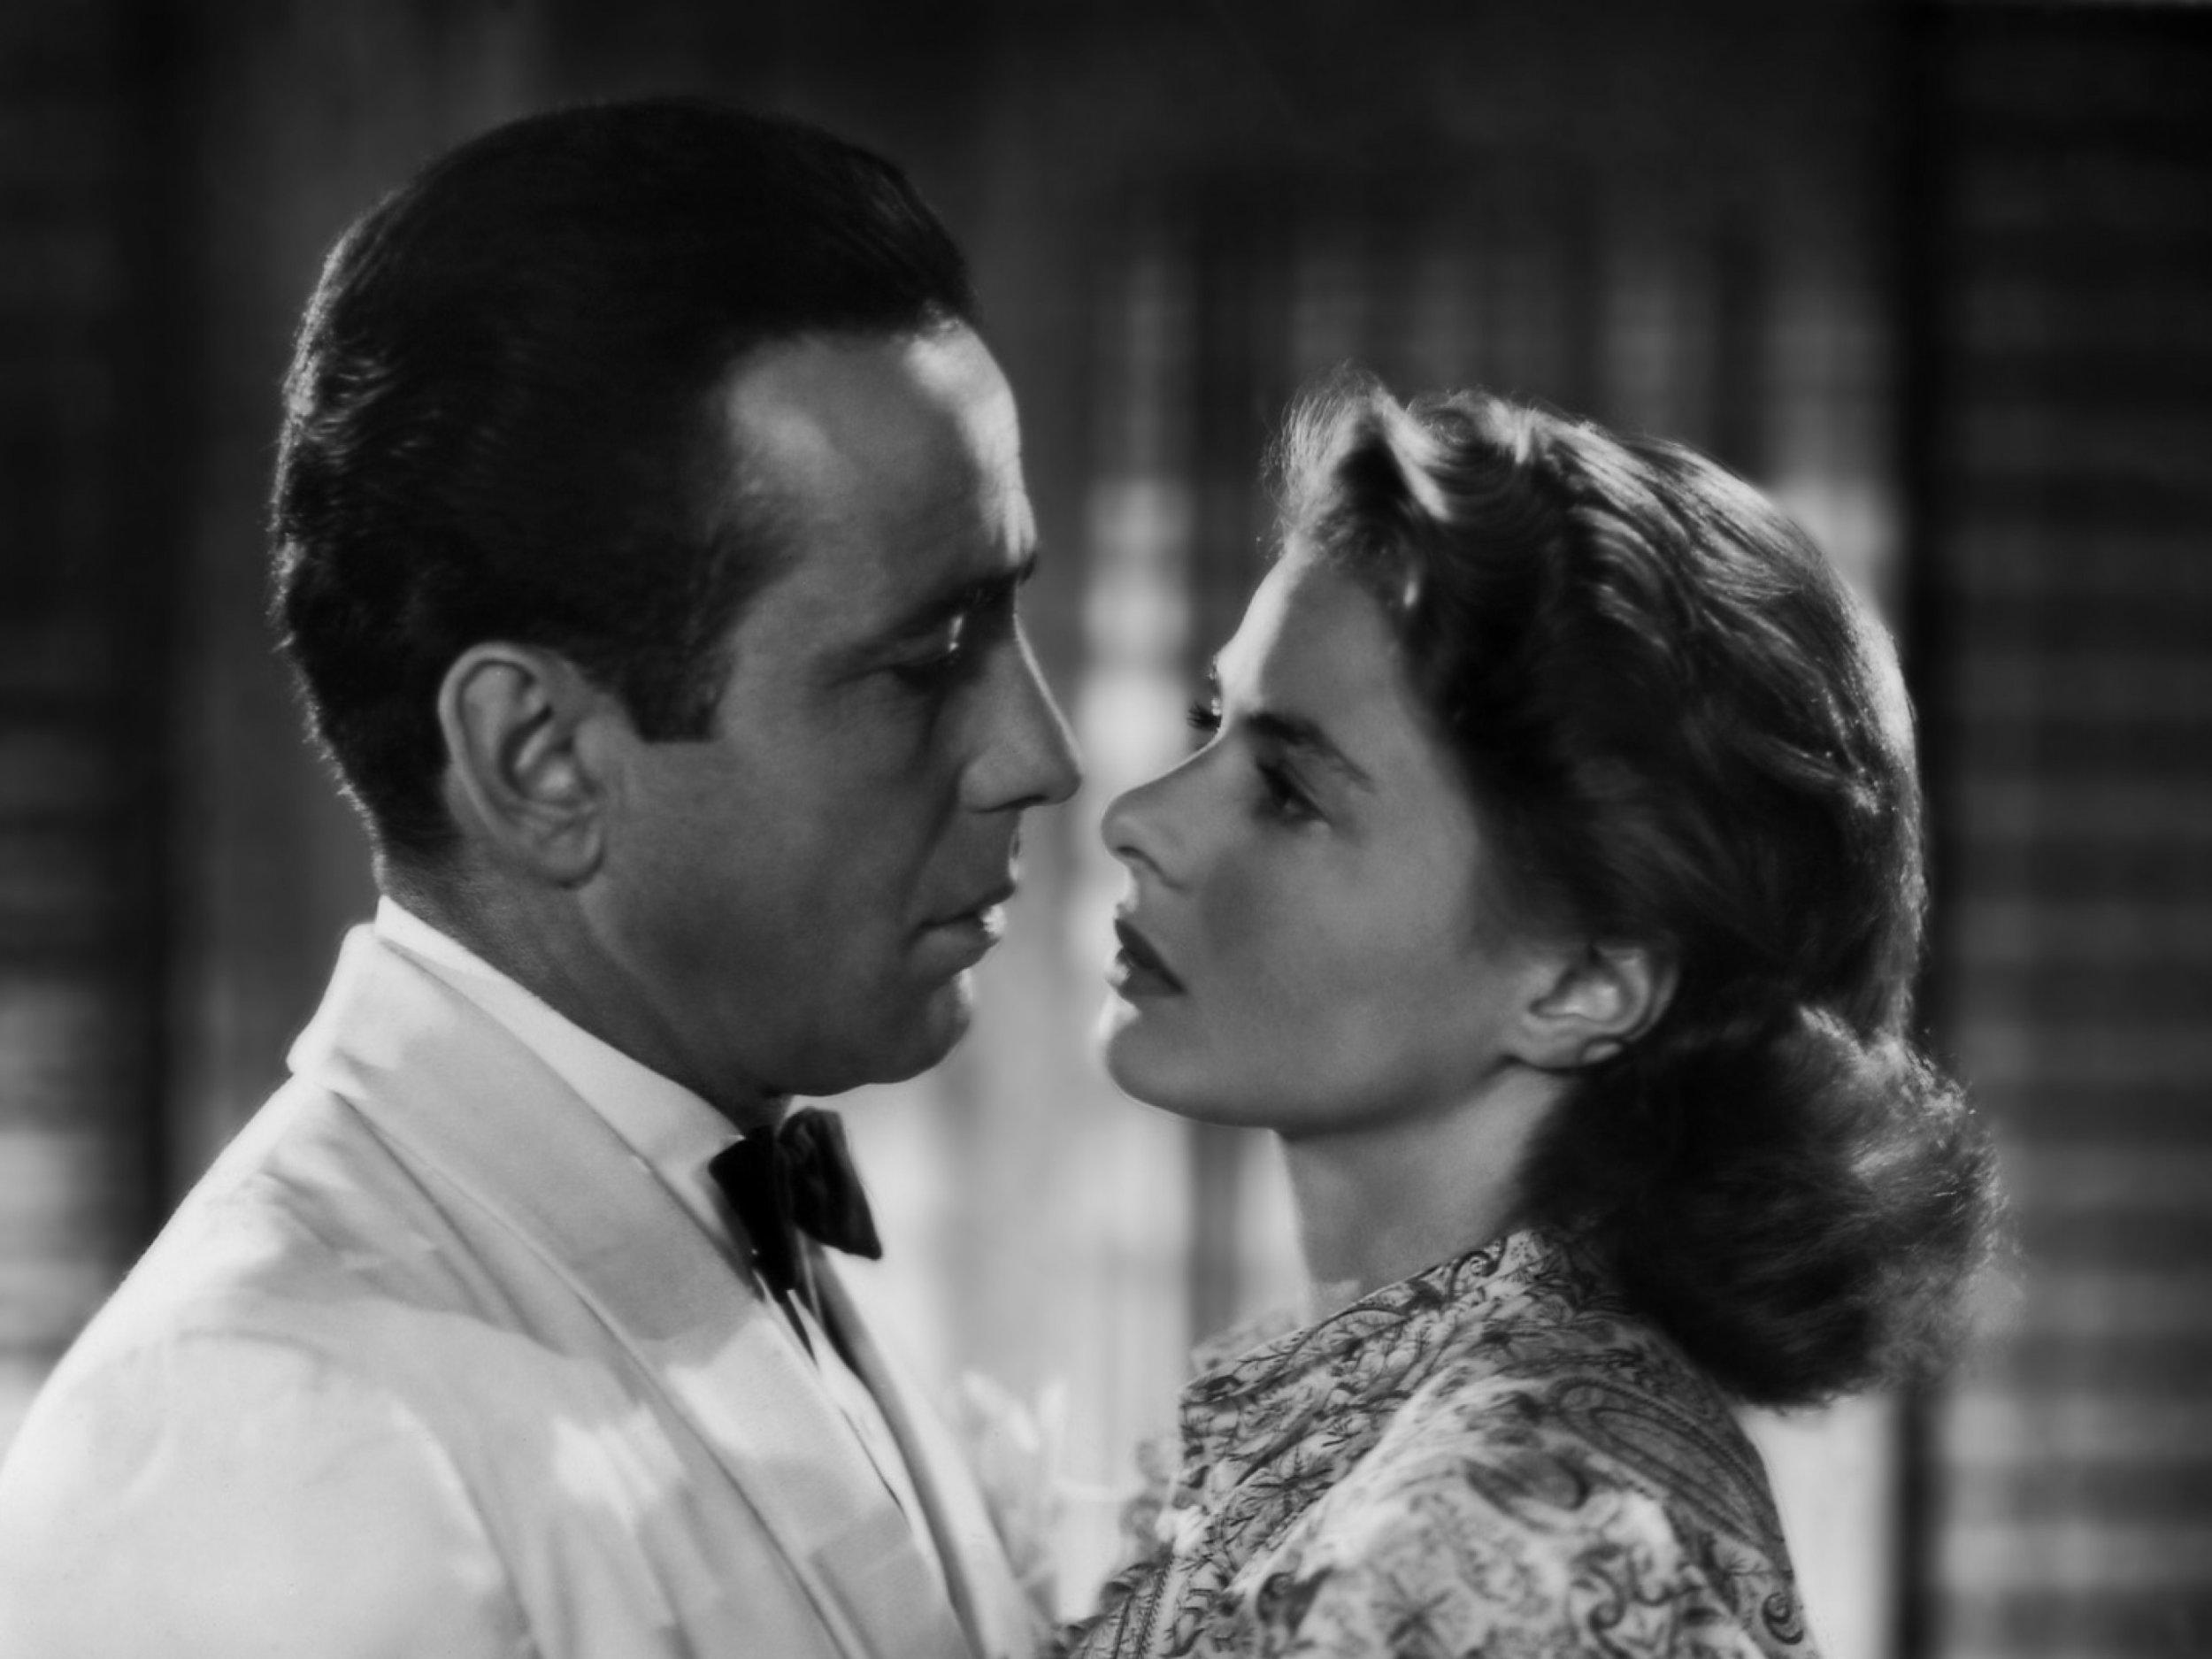 Casablanca (1942) - Directed by: Michael CurtizWritten by: Julius J. Epstein, Philip G. Epstein & Howard Koch